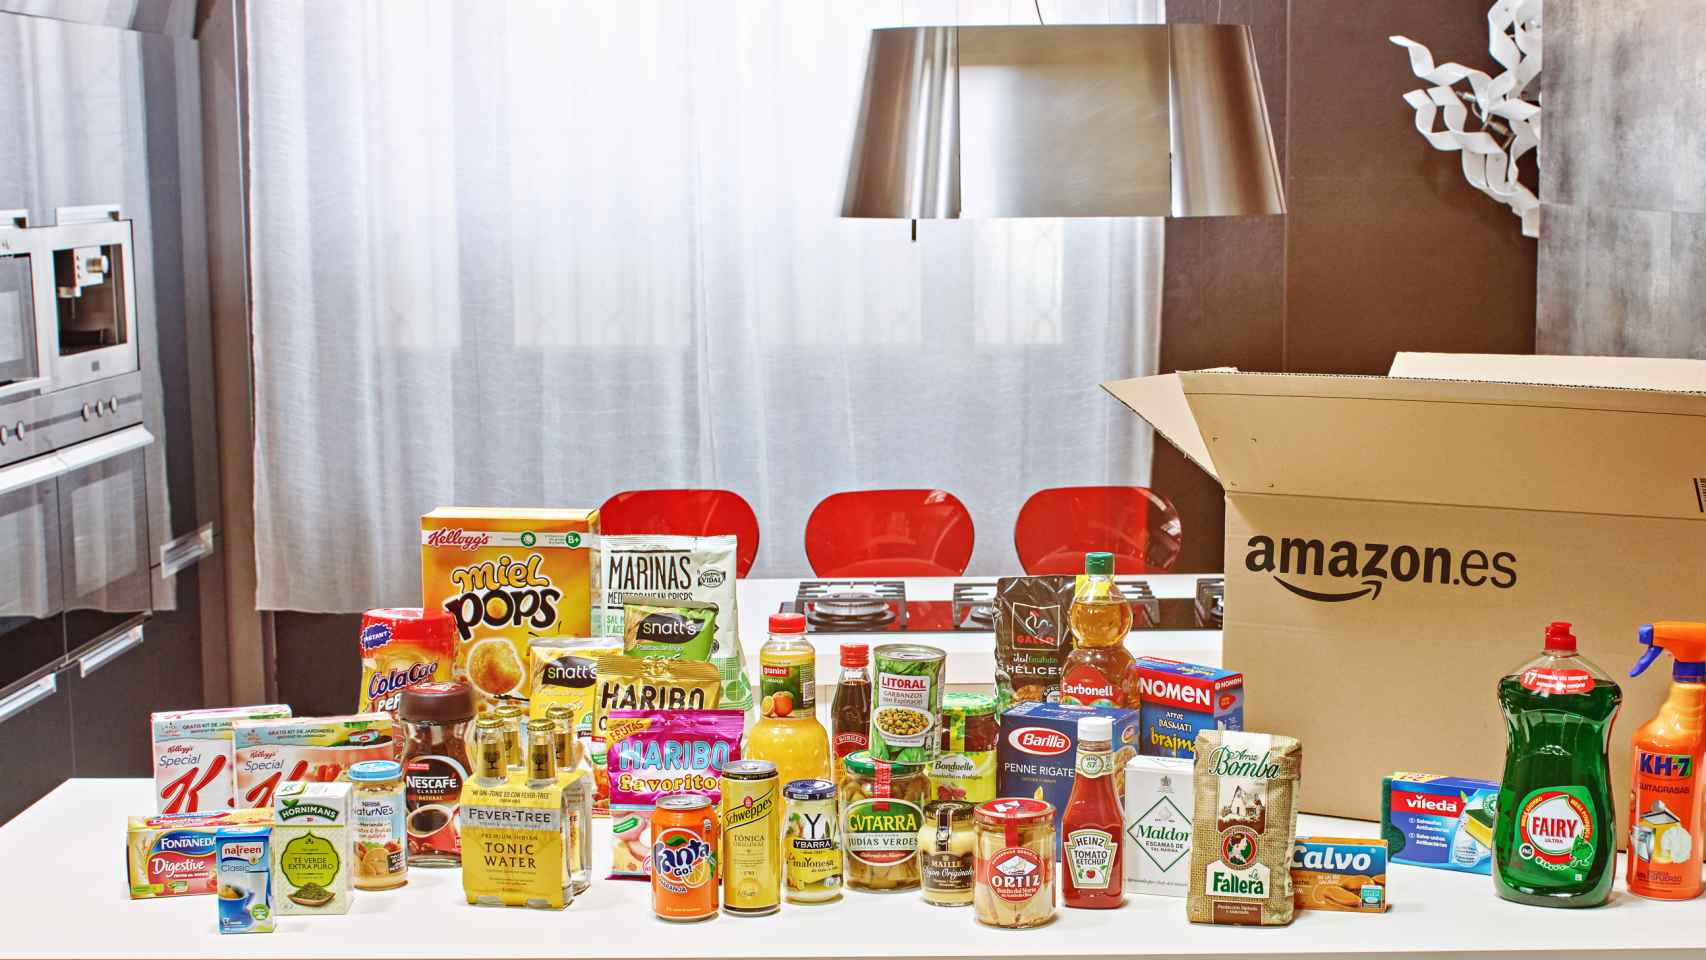 Marcas que distribuirá Amazon en su tienda de alimentación en España